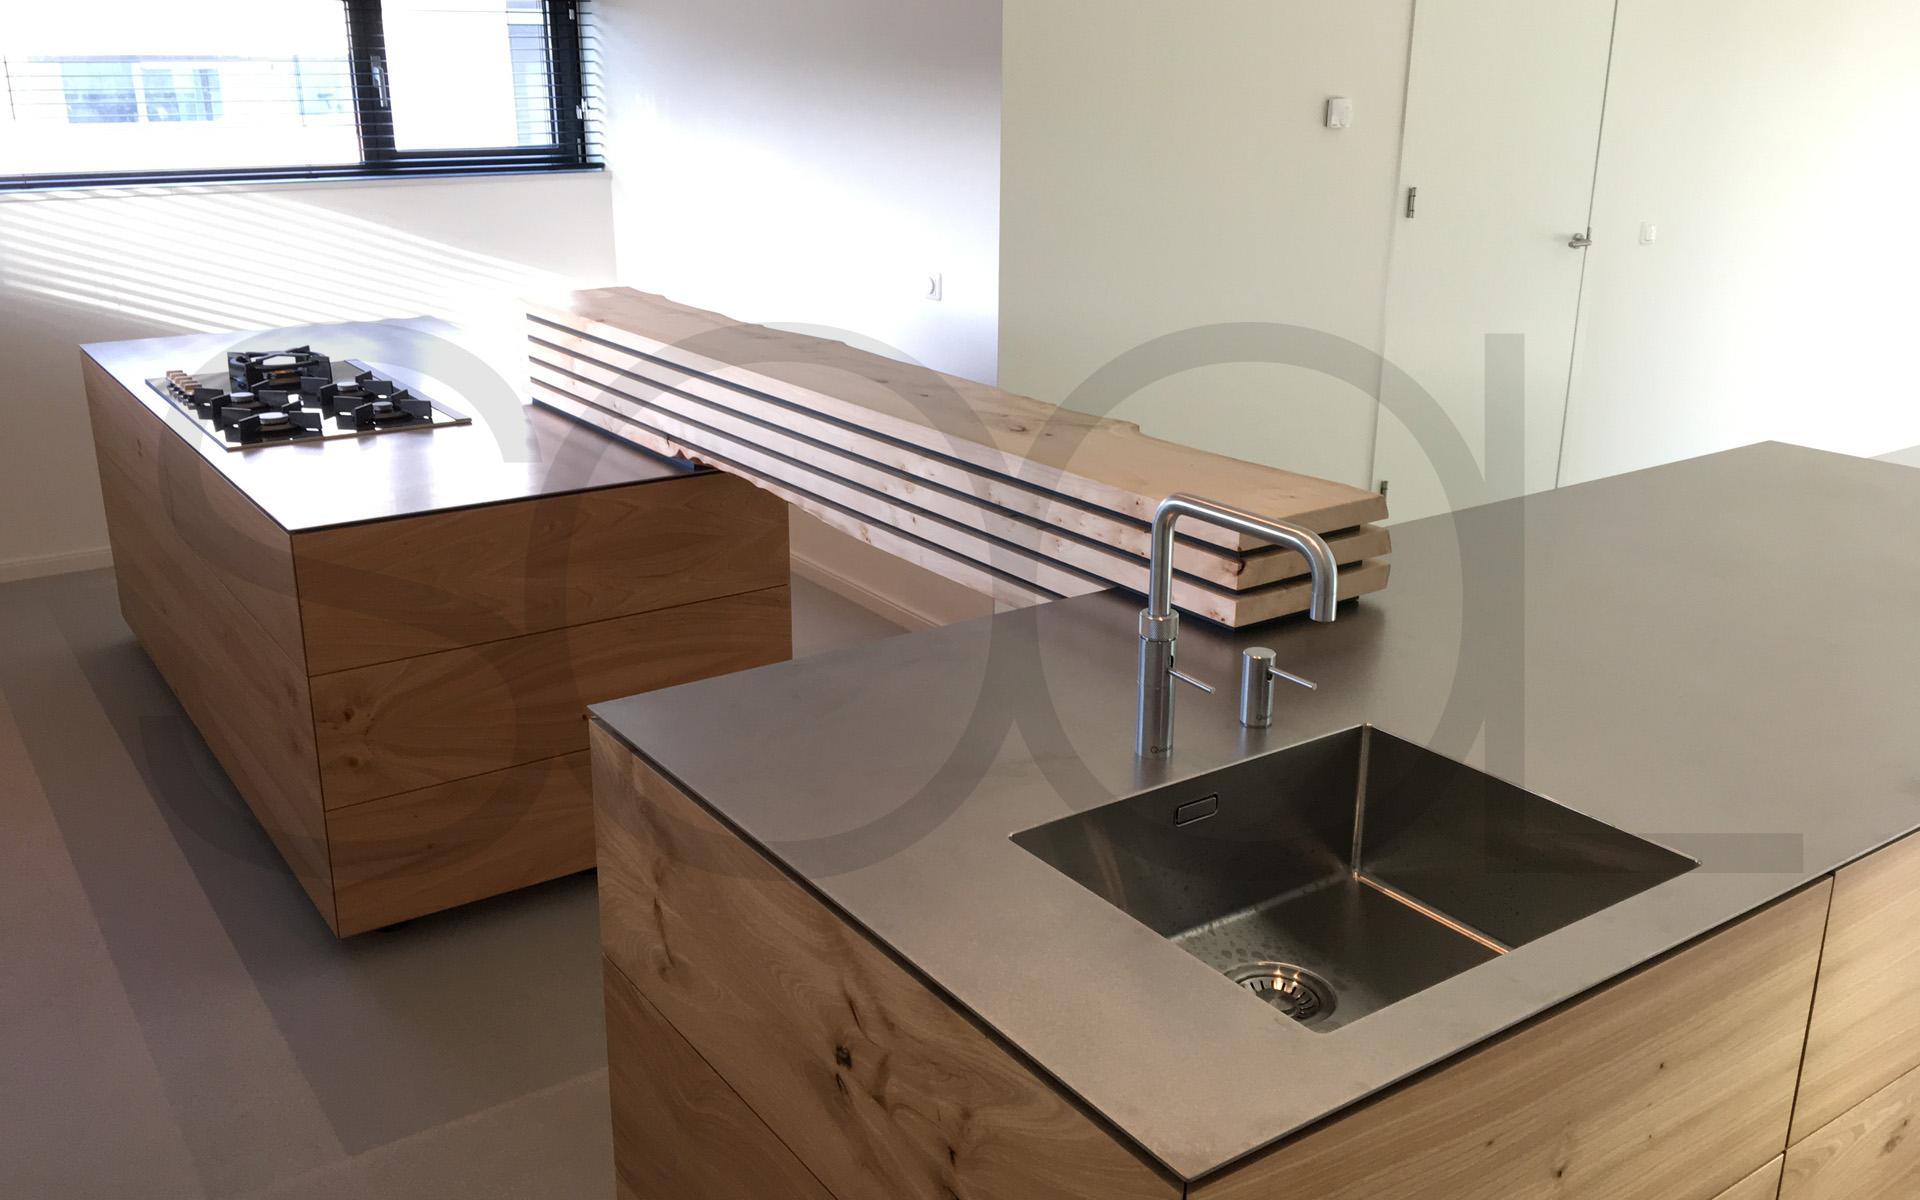 Iepenhout keuken te groningen opgeleverd studio sool - Mini keuken voor studio ...